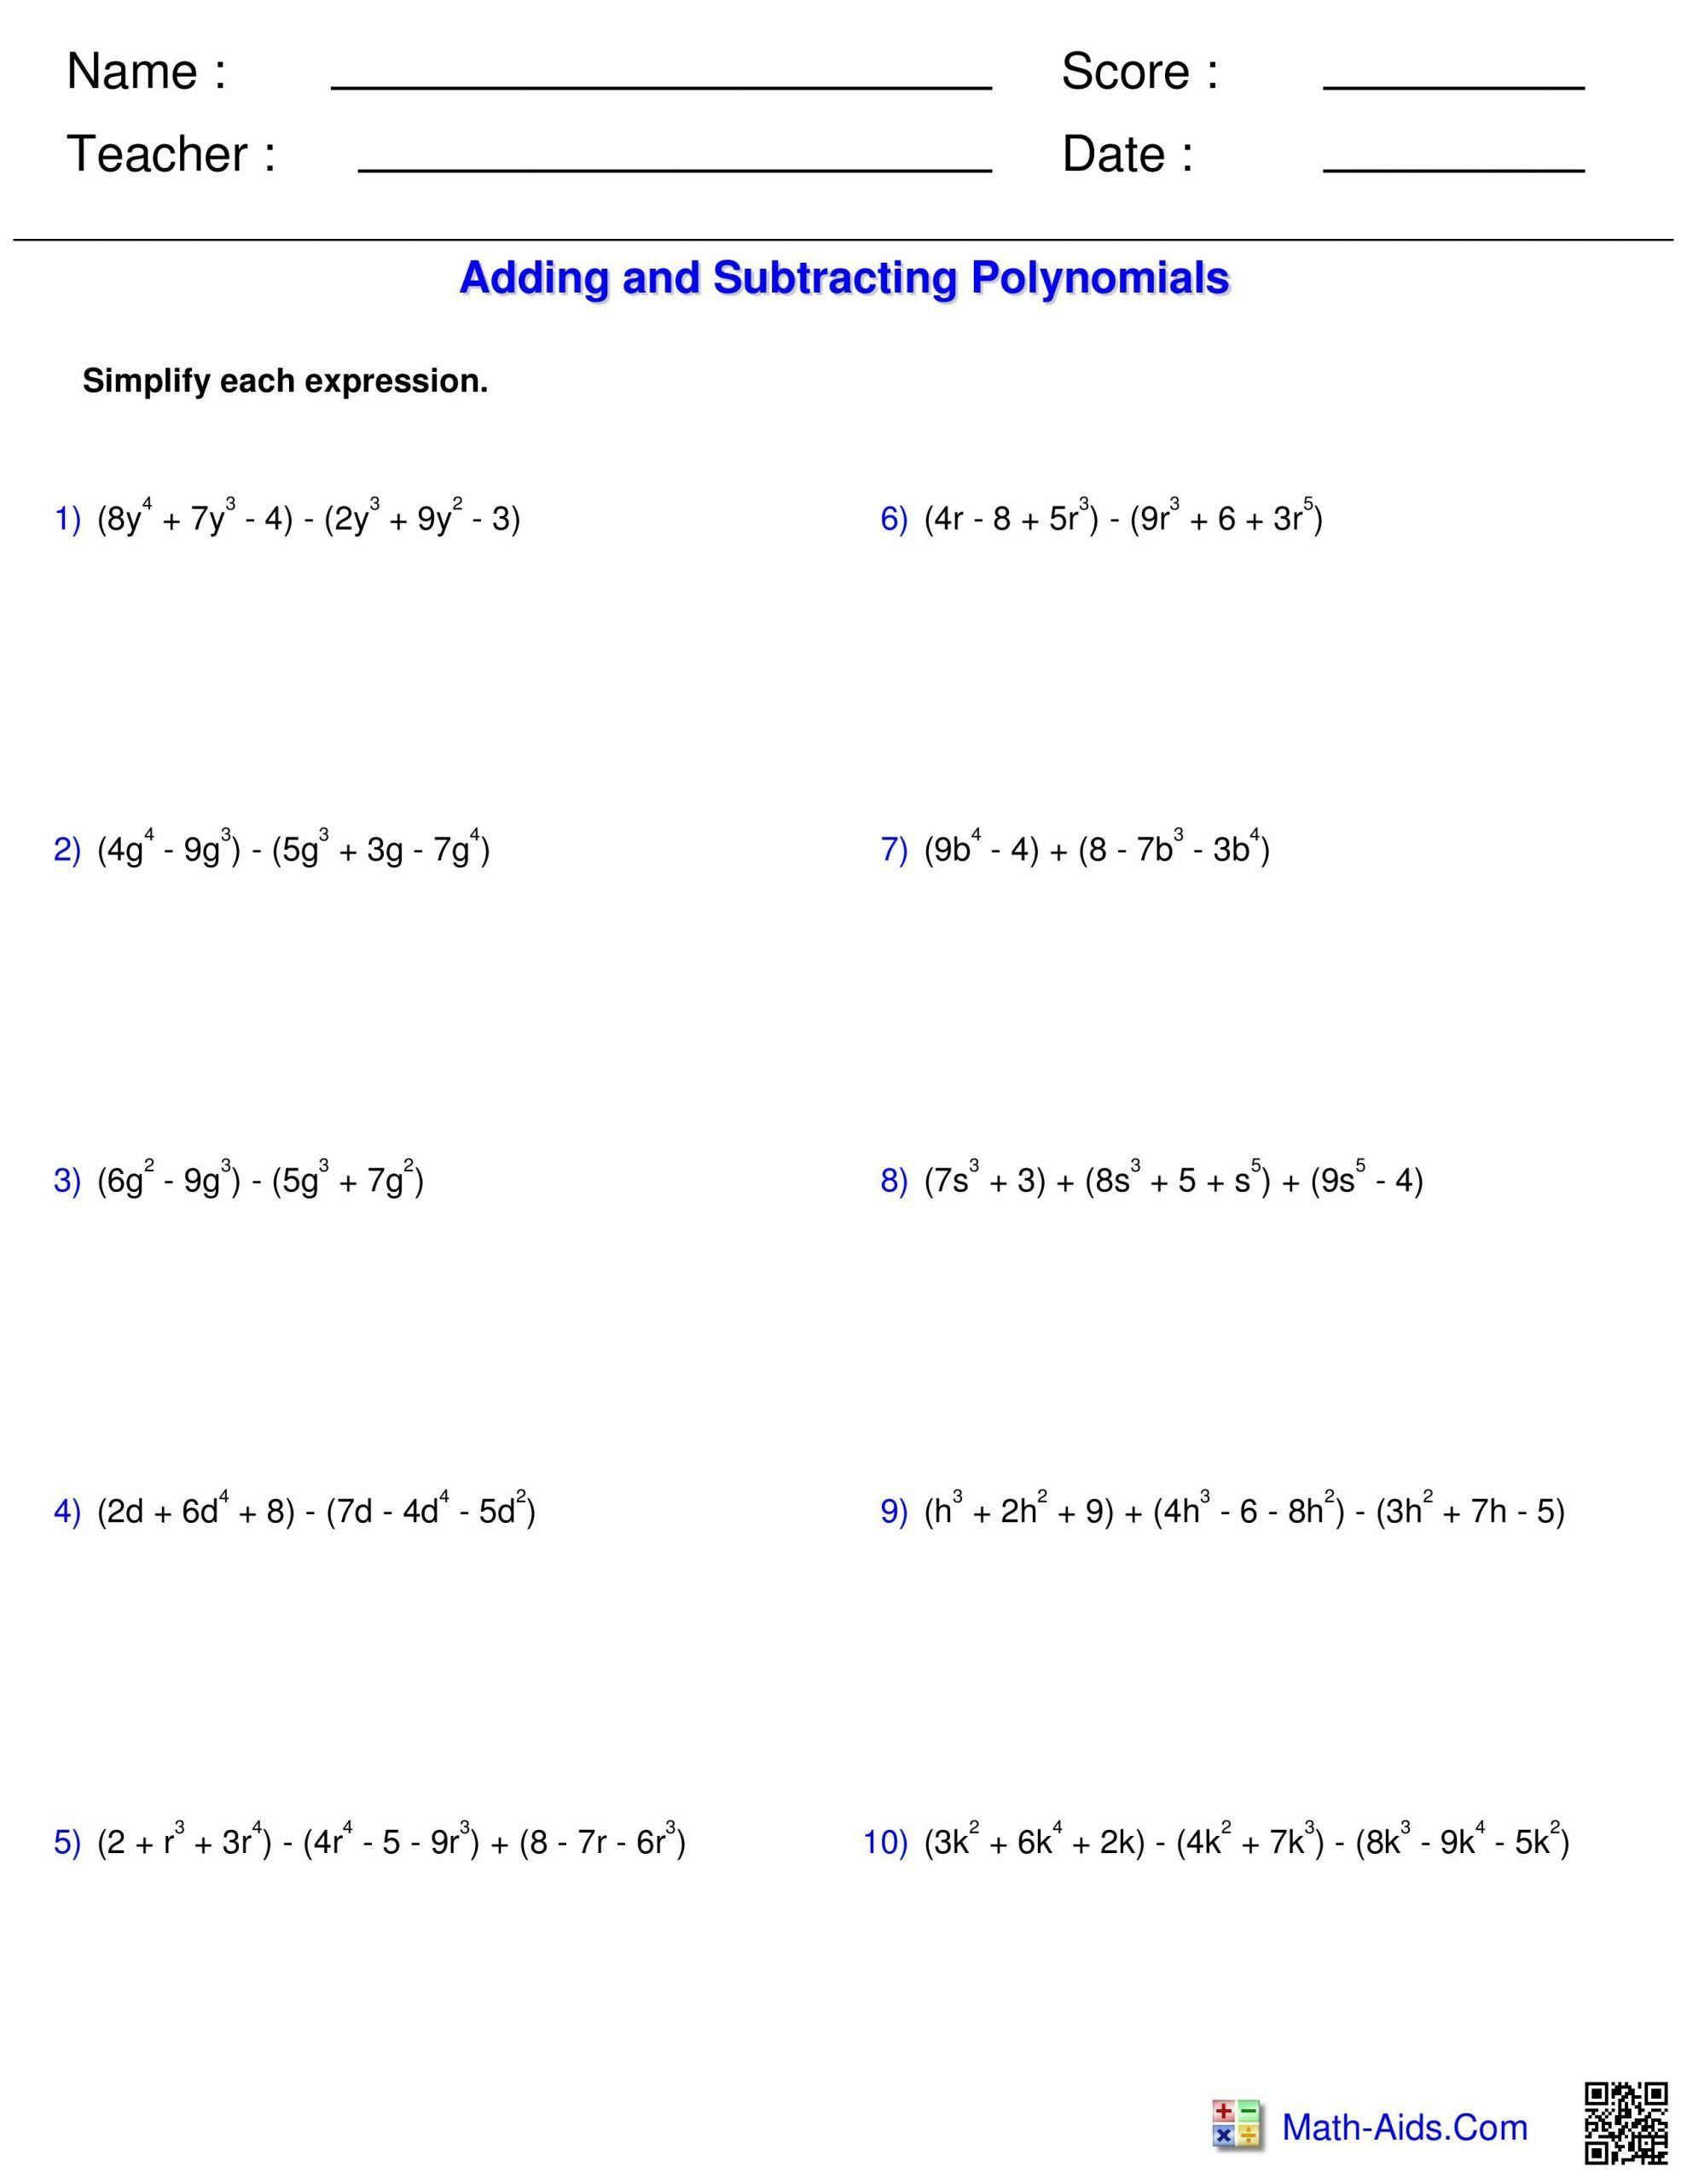 Pin On Printable Math Worksheet